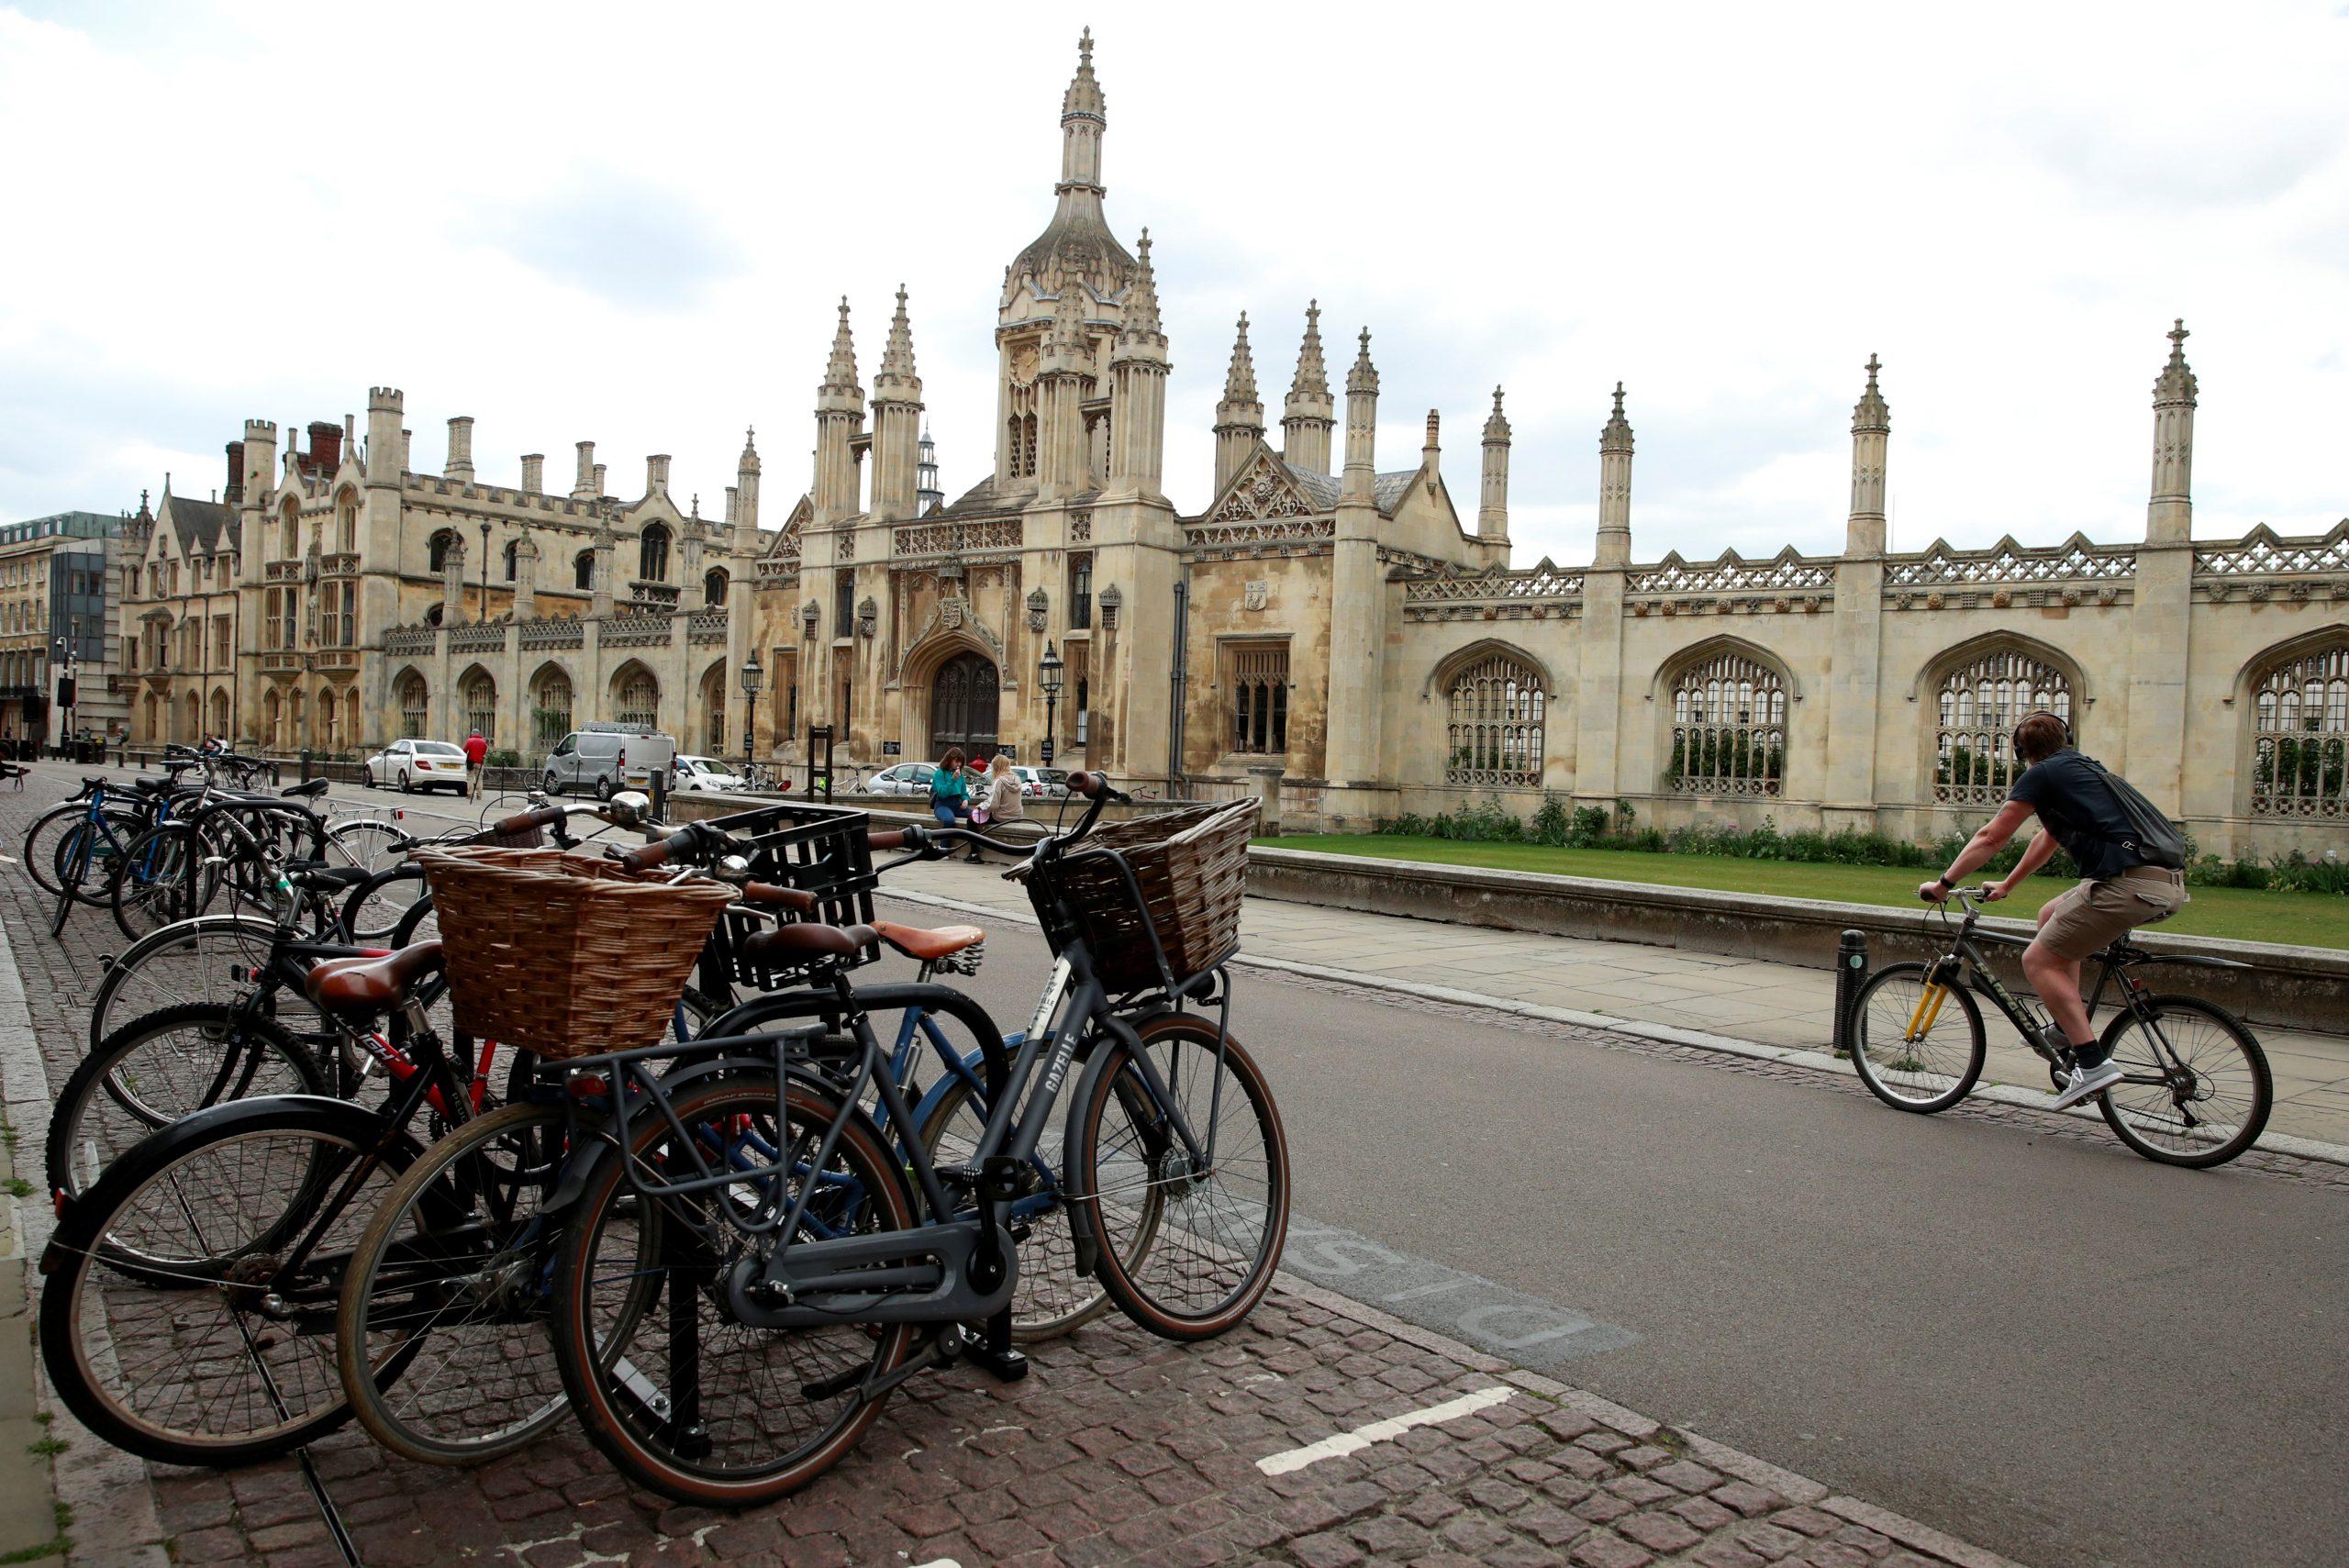 بسبب كورونا جامعة كامبريدج البريطانية تقدم محاضراتها للطلاب عبر